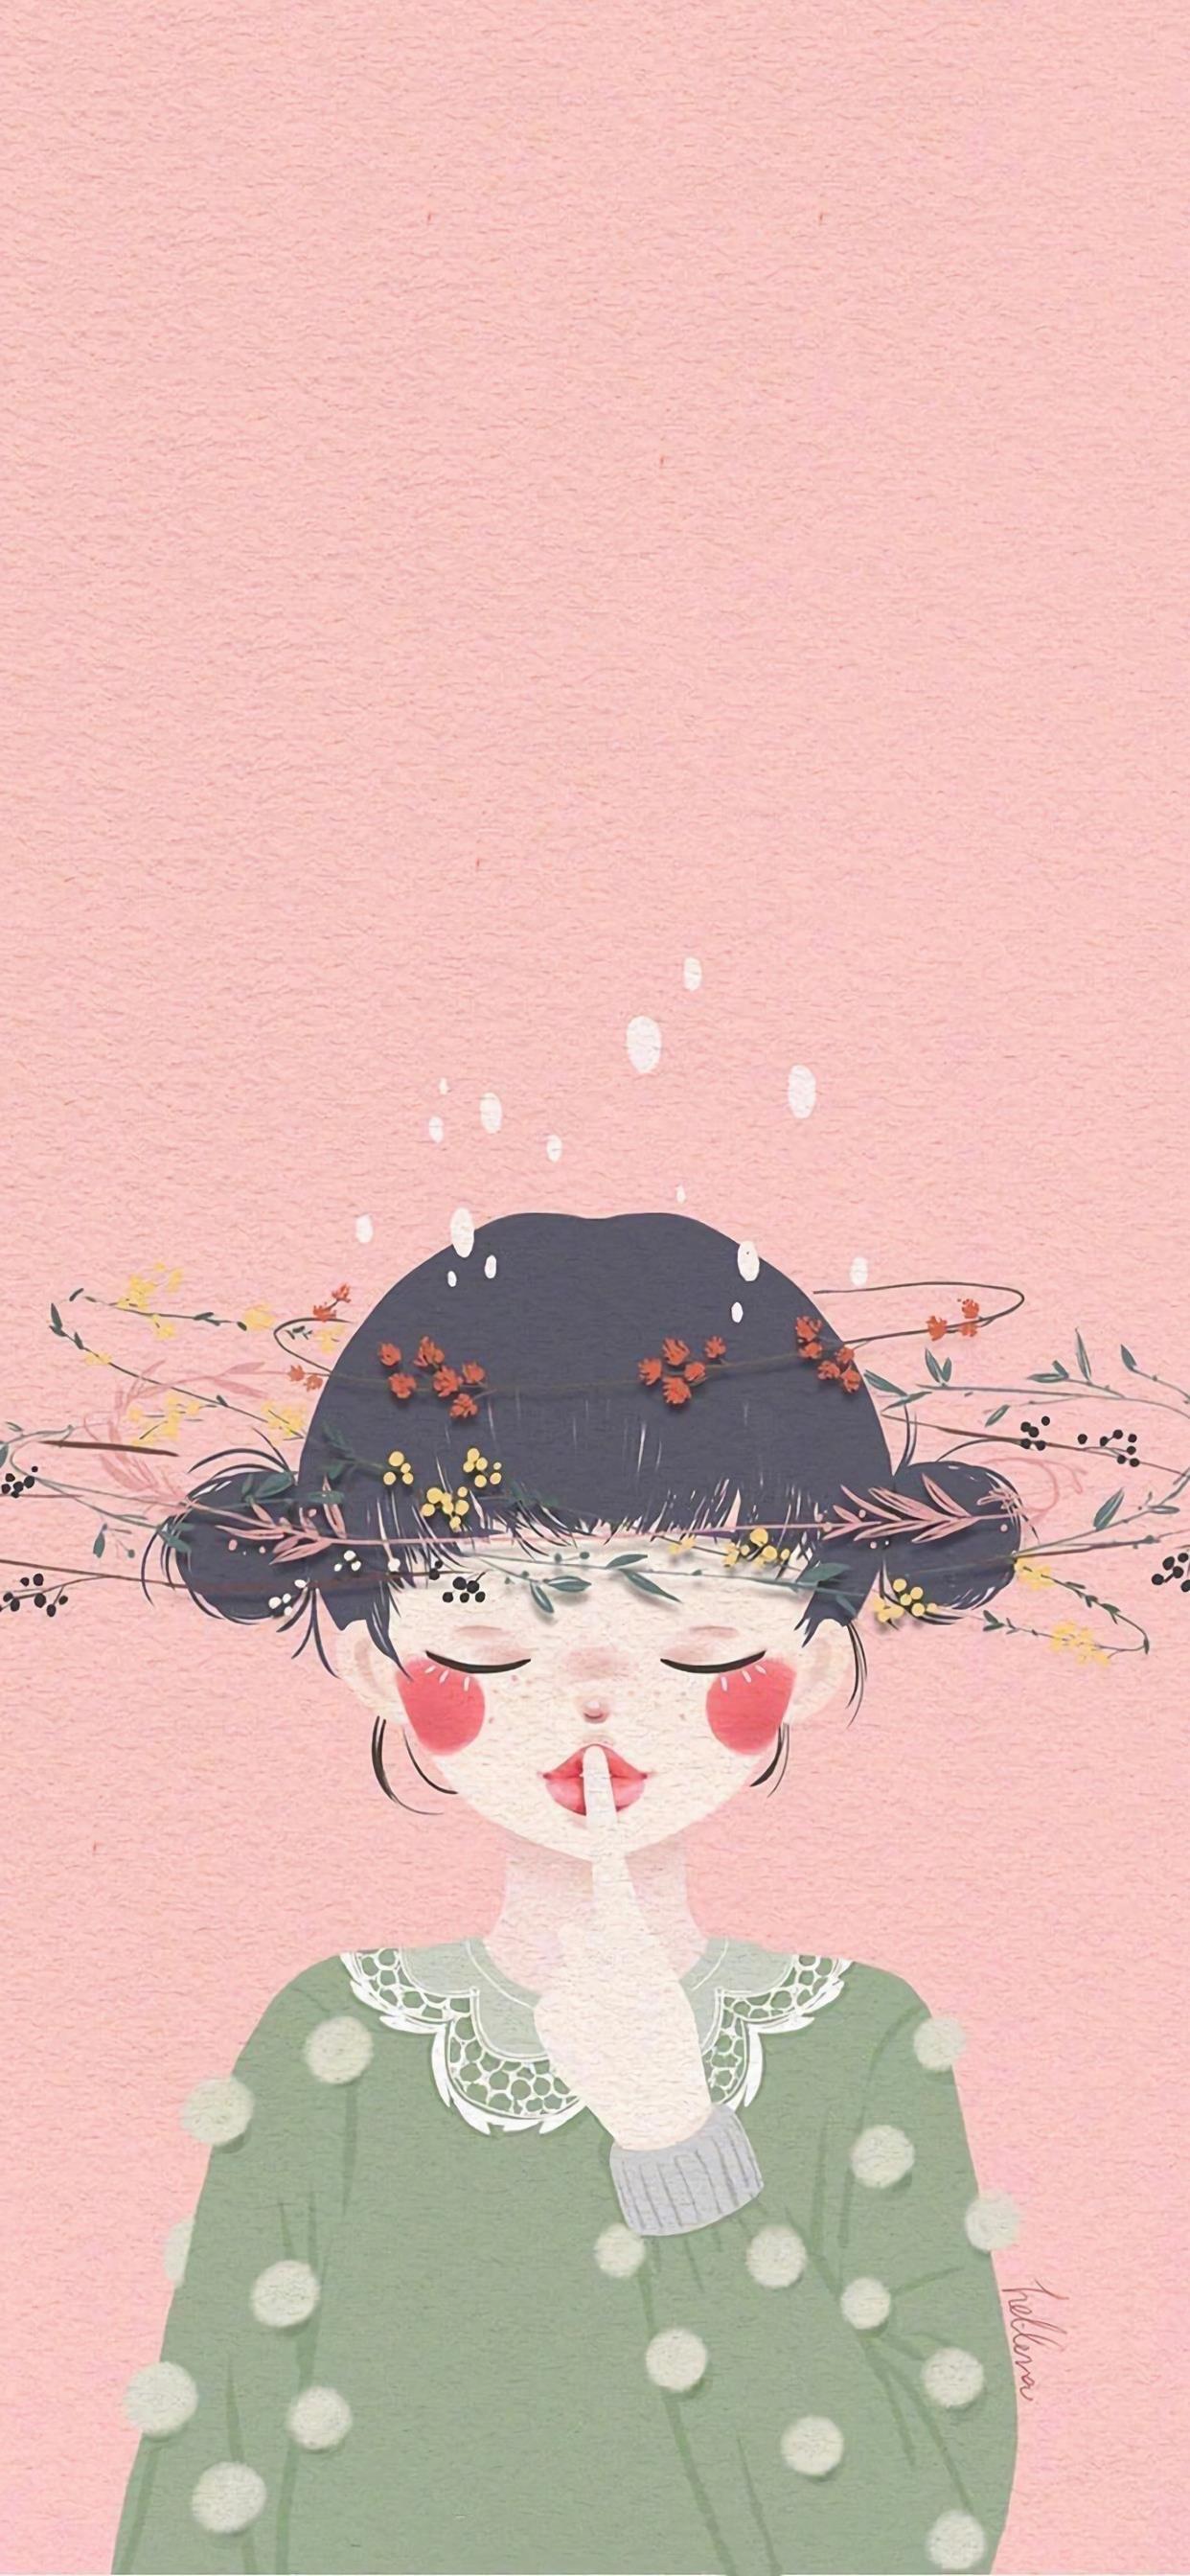 超赞壁纸:照着镜子对自己说,没事~ 再等等!插图33